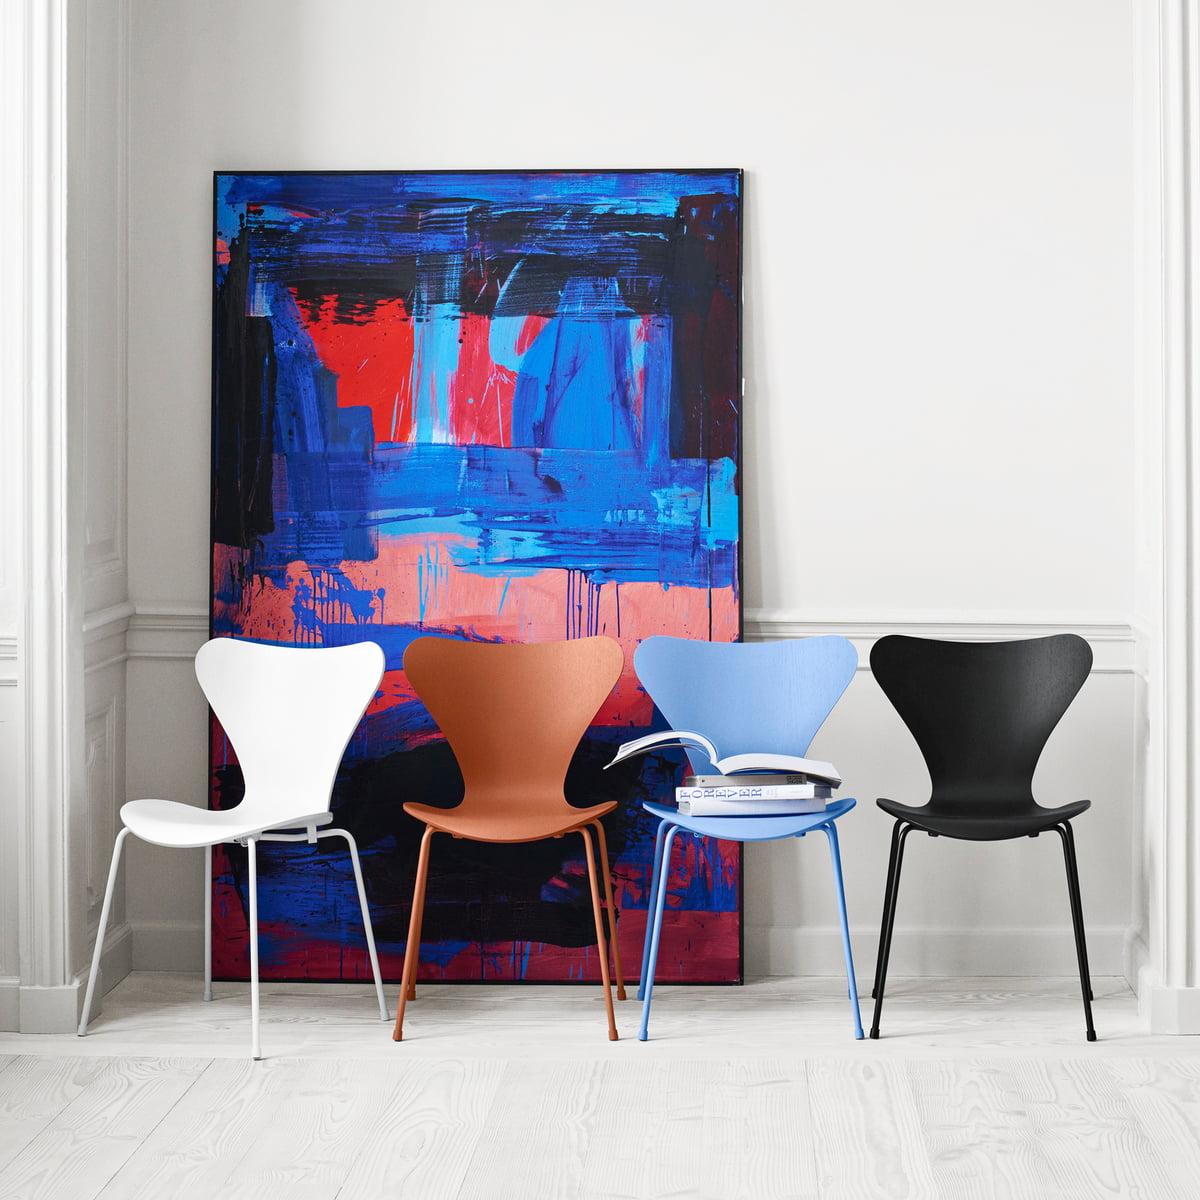 chaise monochrome s rie 7 de fritz hansen. Black Bedroom Furniture Sets. Home Design Ideas